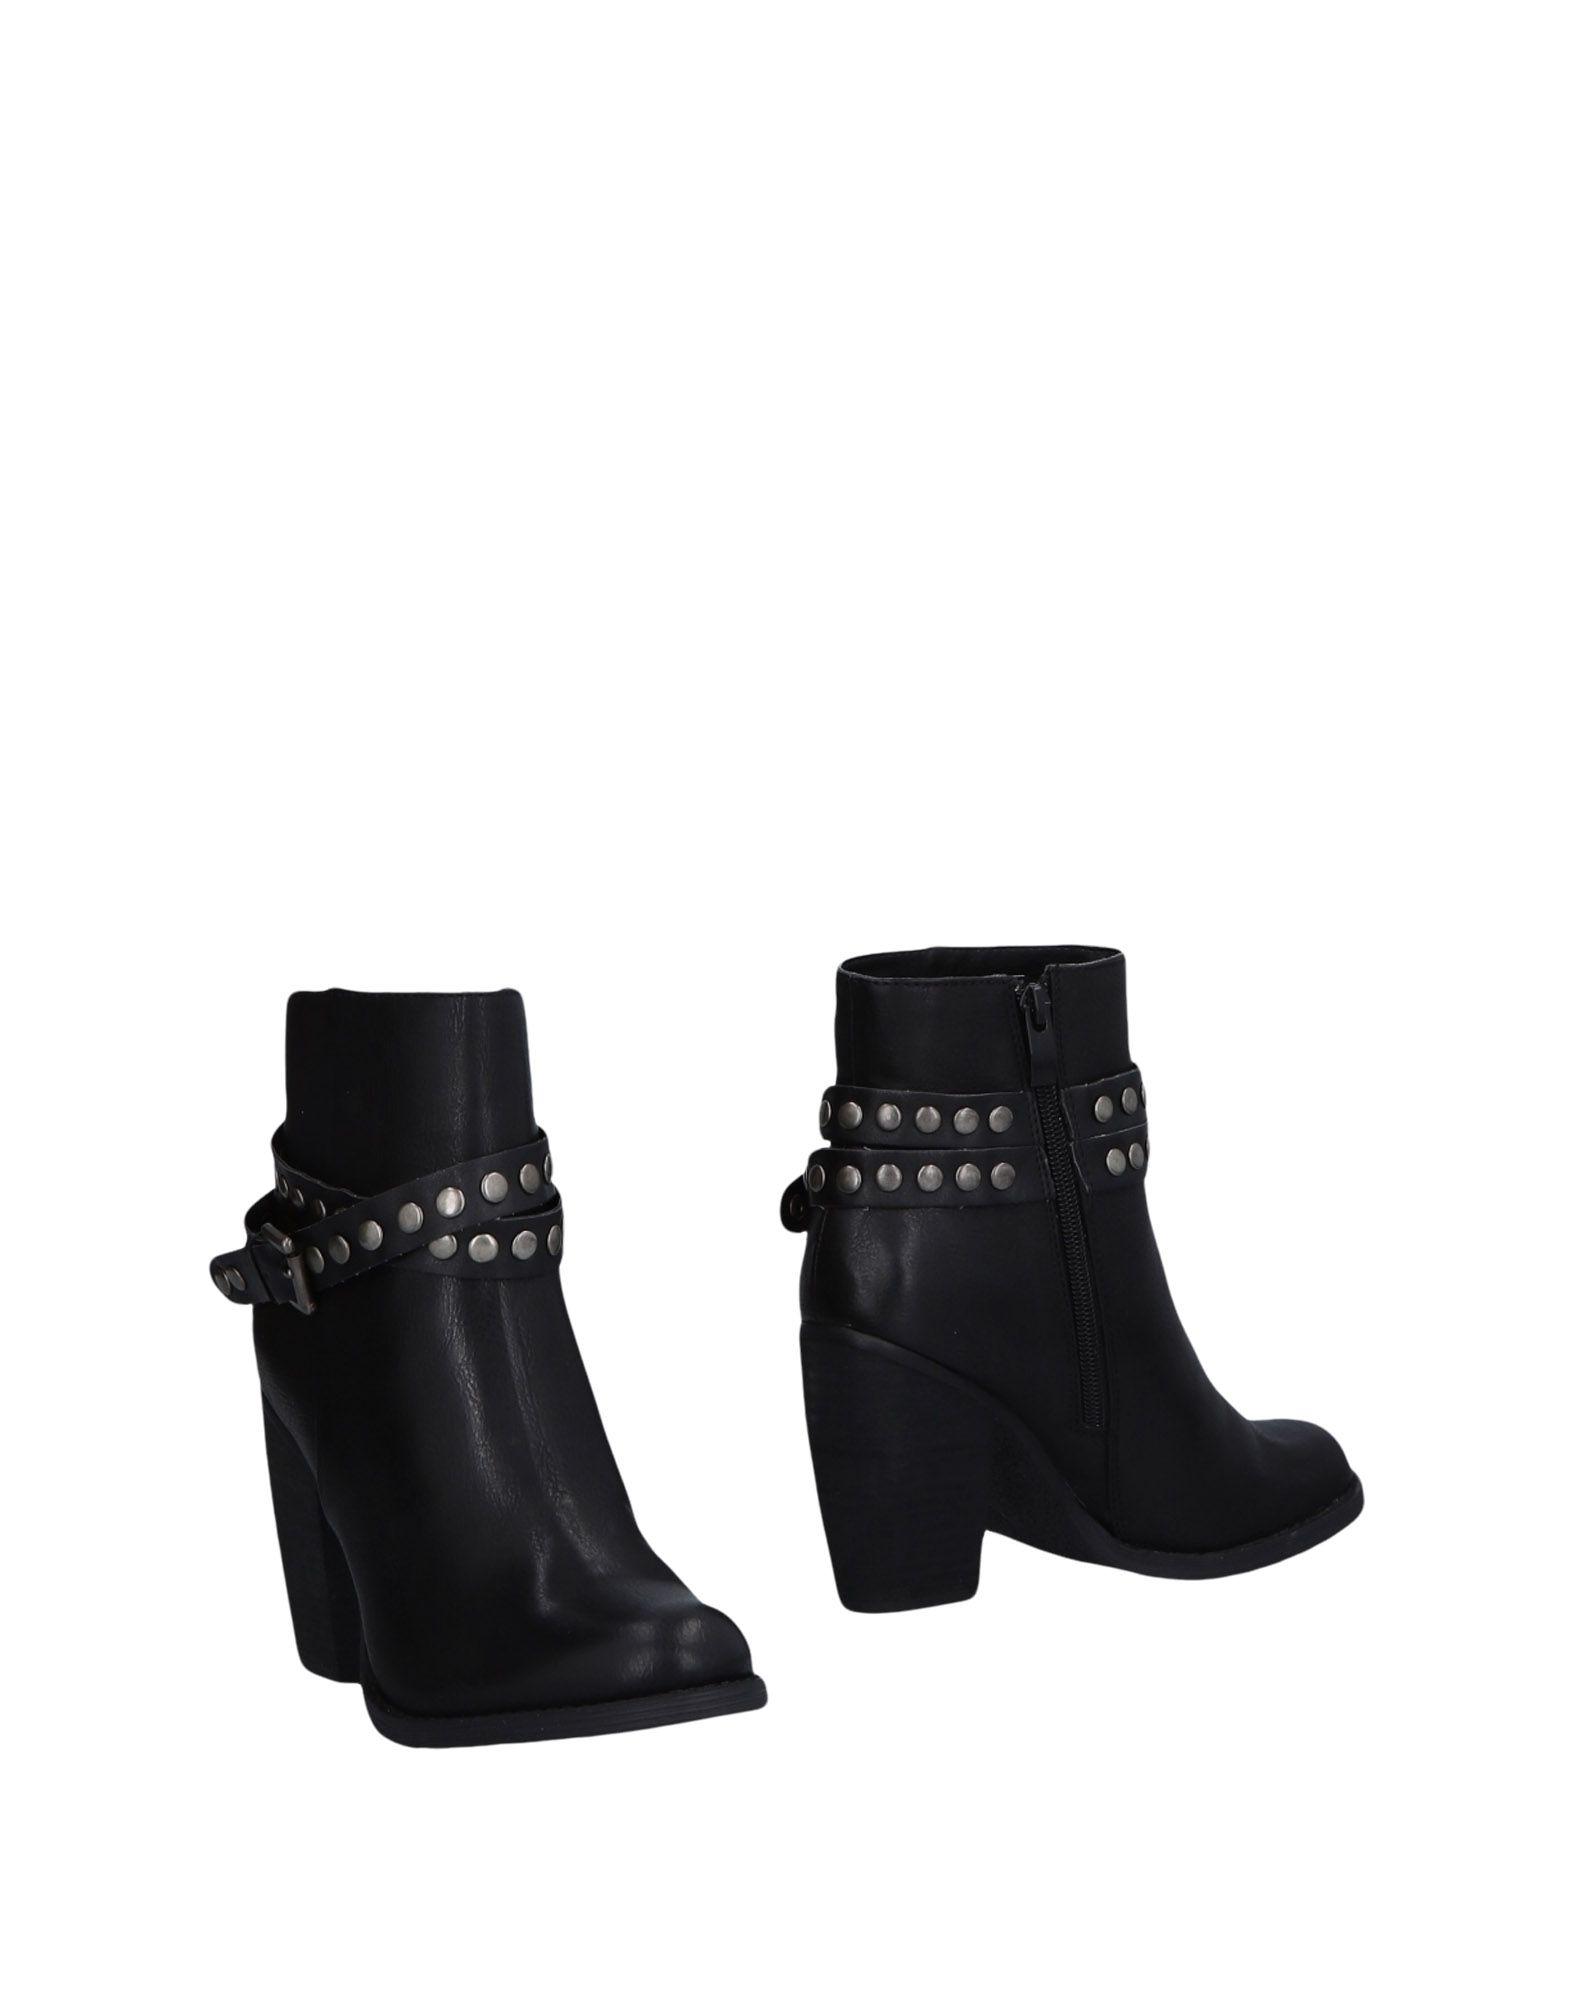 Bottine Cafènoir Femme - Bottines Cafènoir Noir Chaussures femme pas cher homme et femme